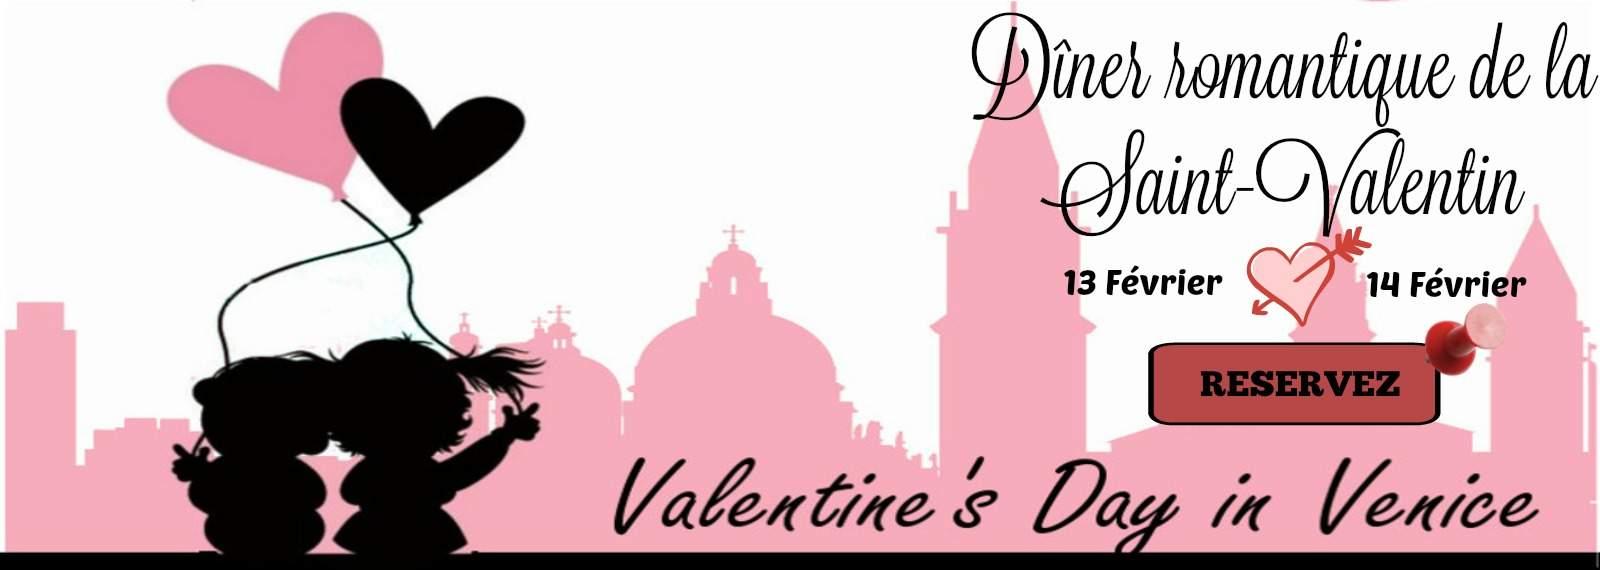 Dîner romantique de la Saint-Valentin